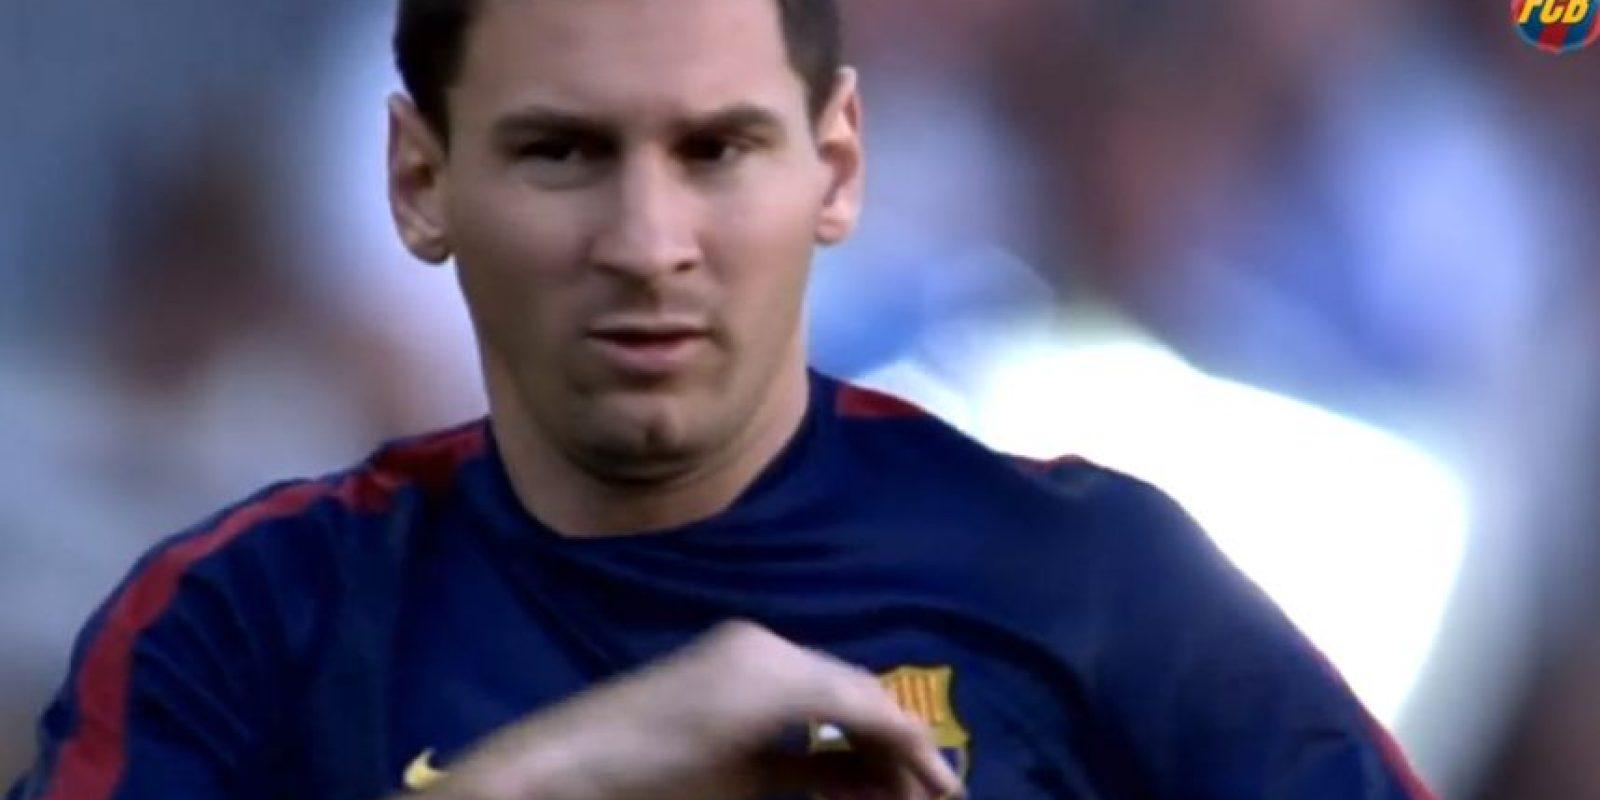 Cuatro más que su acérrimo rival Foto:Youtube: FC Barcelona